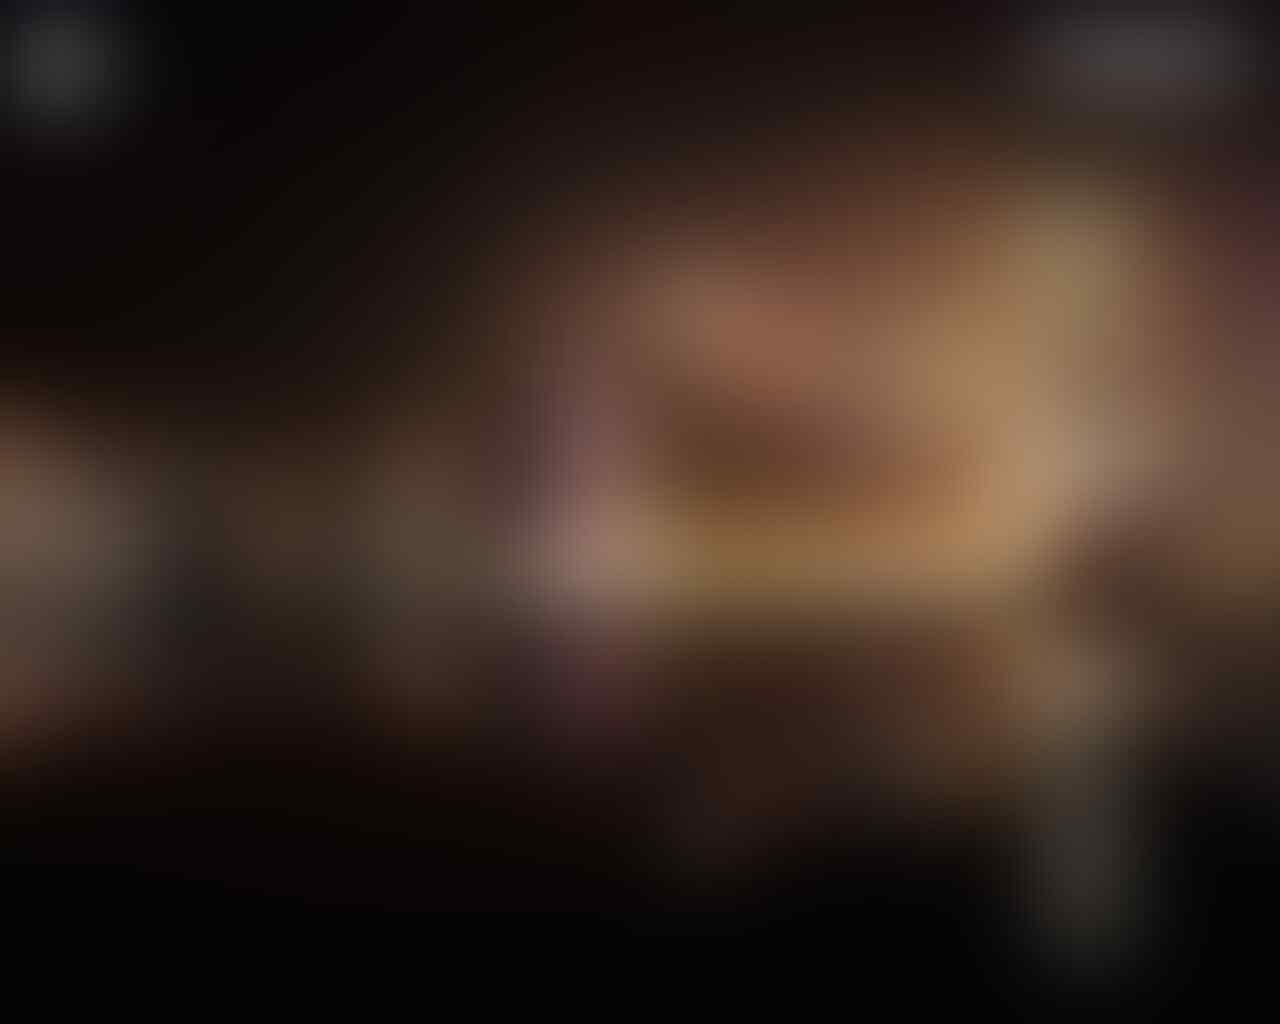 ★INTERNAZIONALE MILANO 2020-21★ @InteristiKaskus   O BELLA CIAO! BELLA CIAO! - Part 1